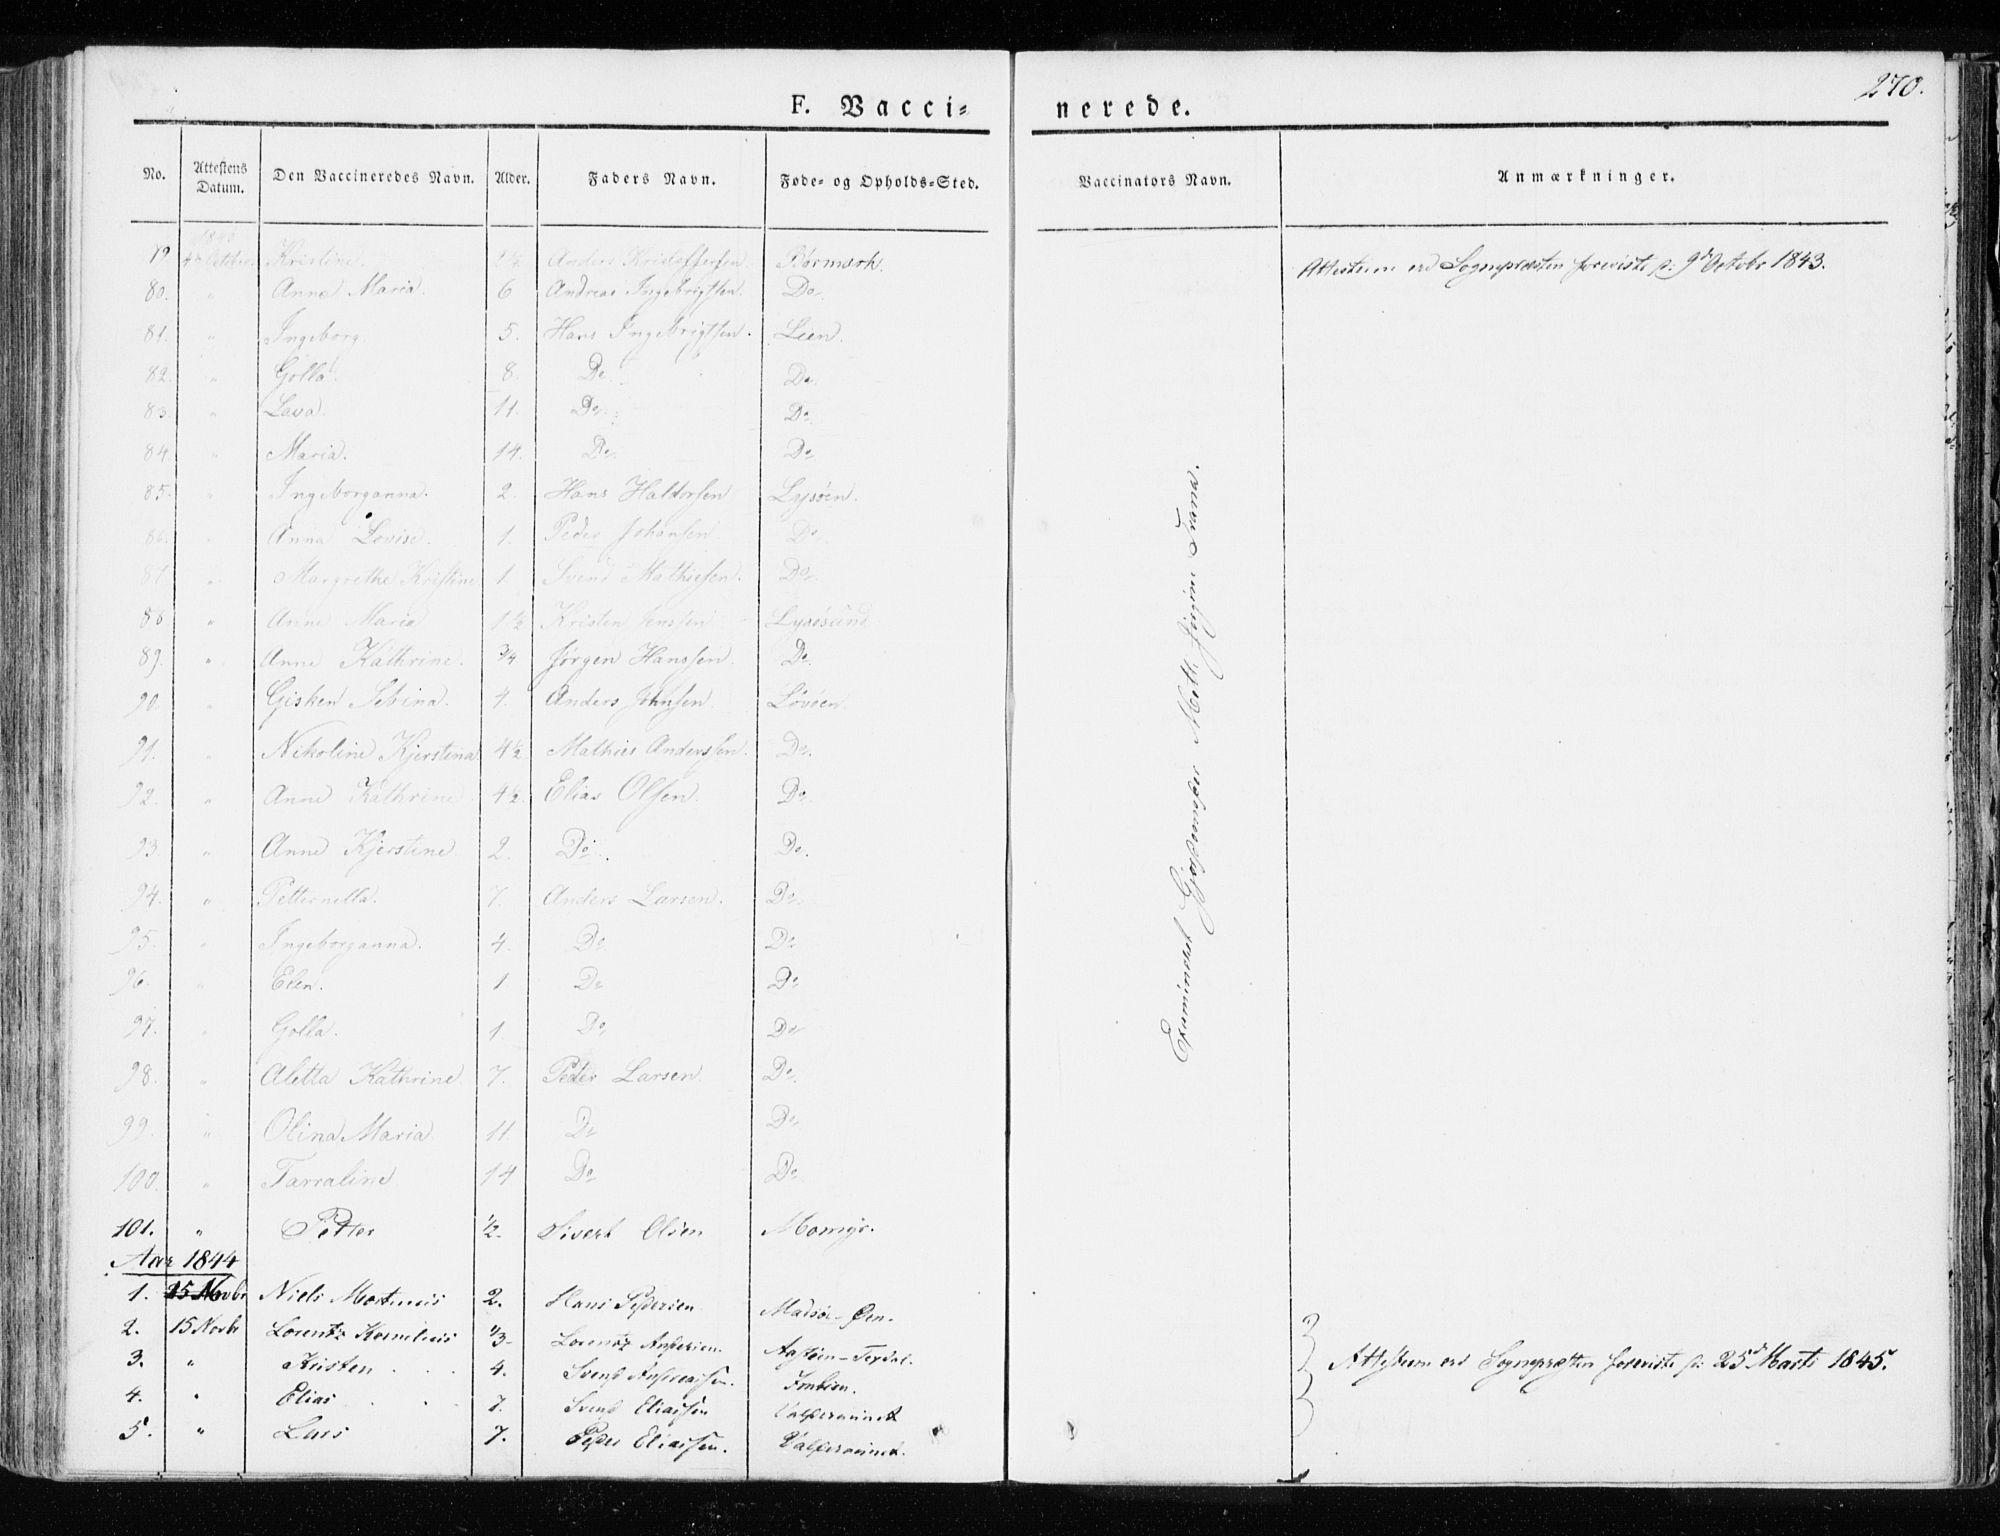 SAT, Ministerialprotokoller, klokkerbøker og fødselsregistre - Sør-Trøndelag, 655/L0676: Ministerialbok nr. 655A05, 1830-1847, s. 270